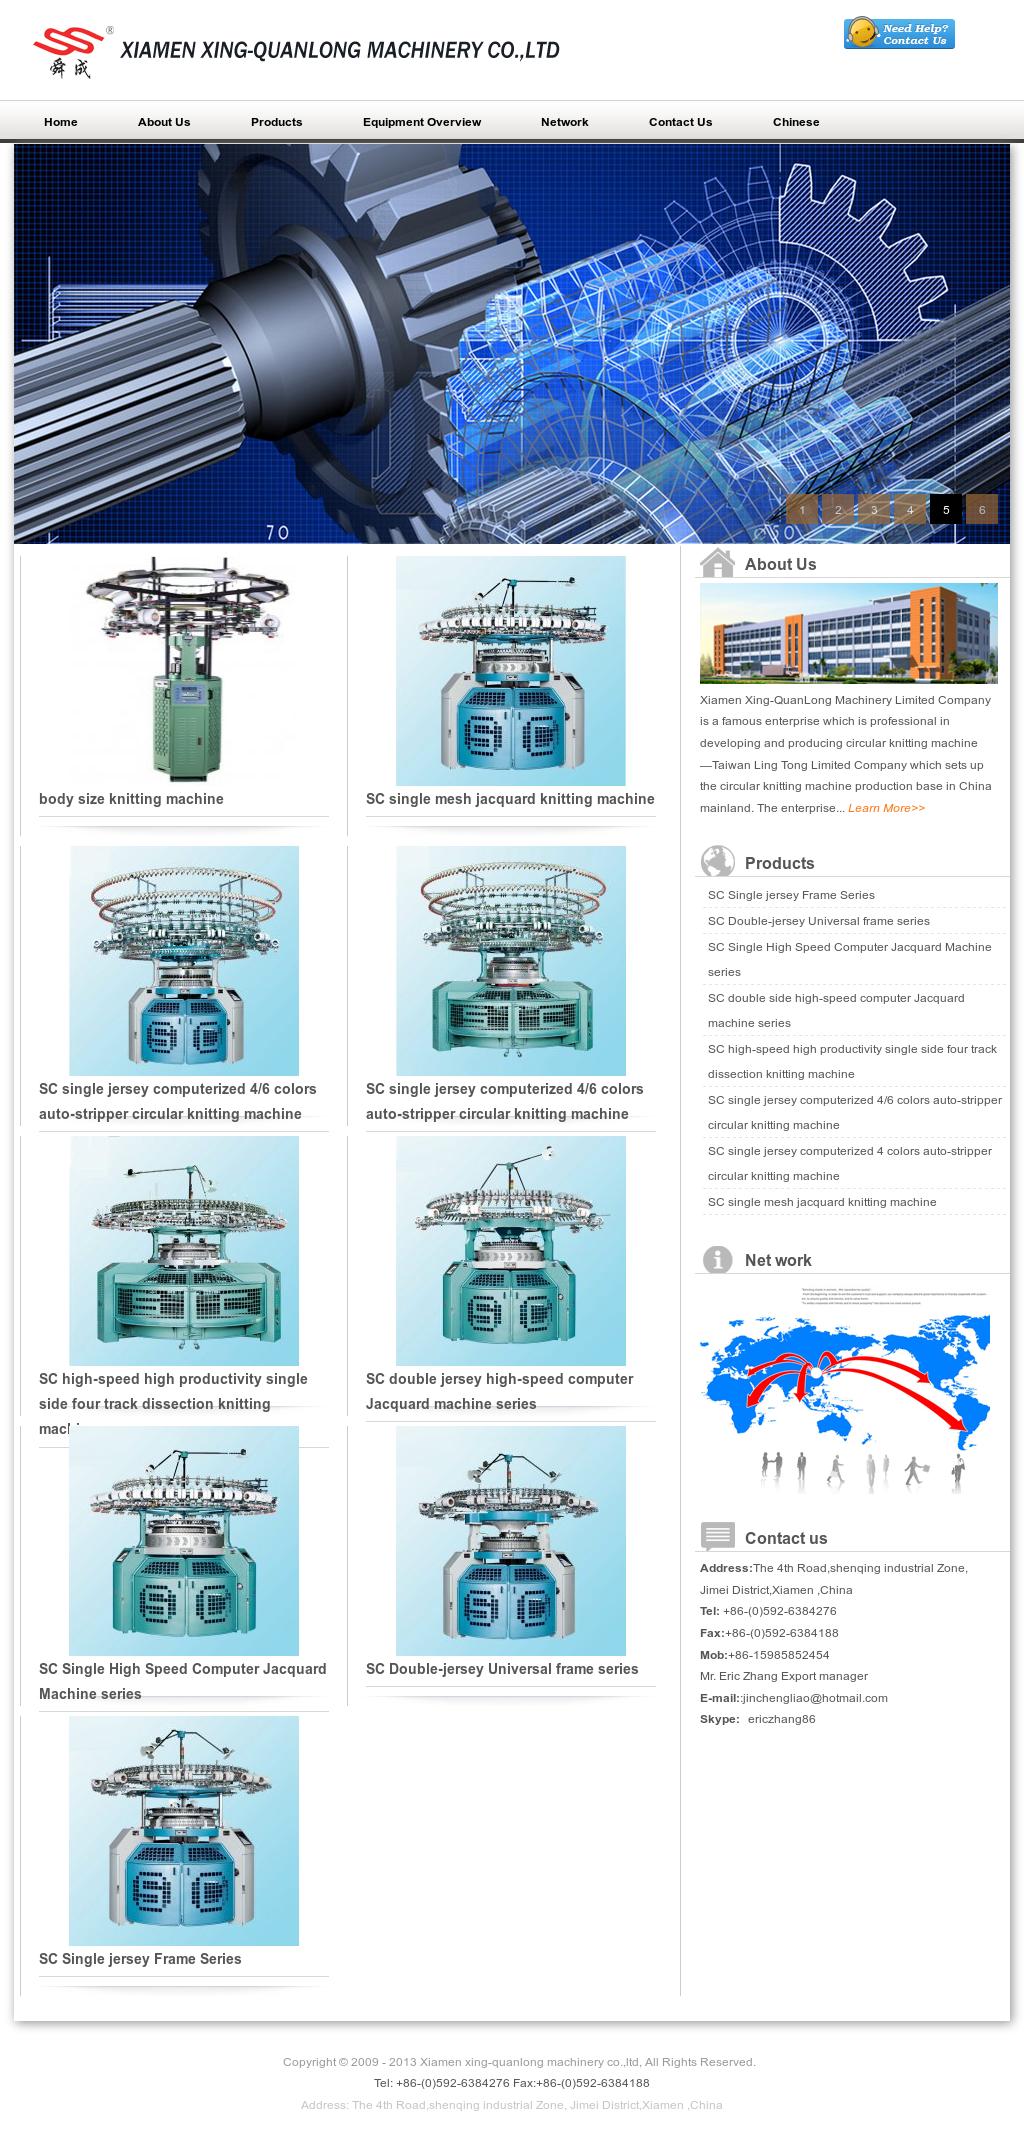 Xiamen Xing-quanlong Machinery Competitors, Revenue and Employees